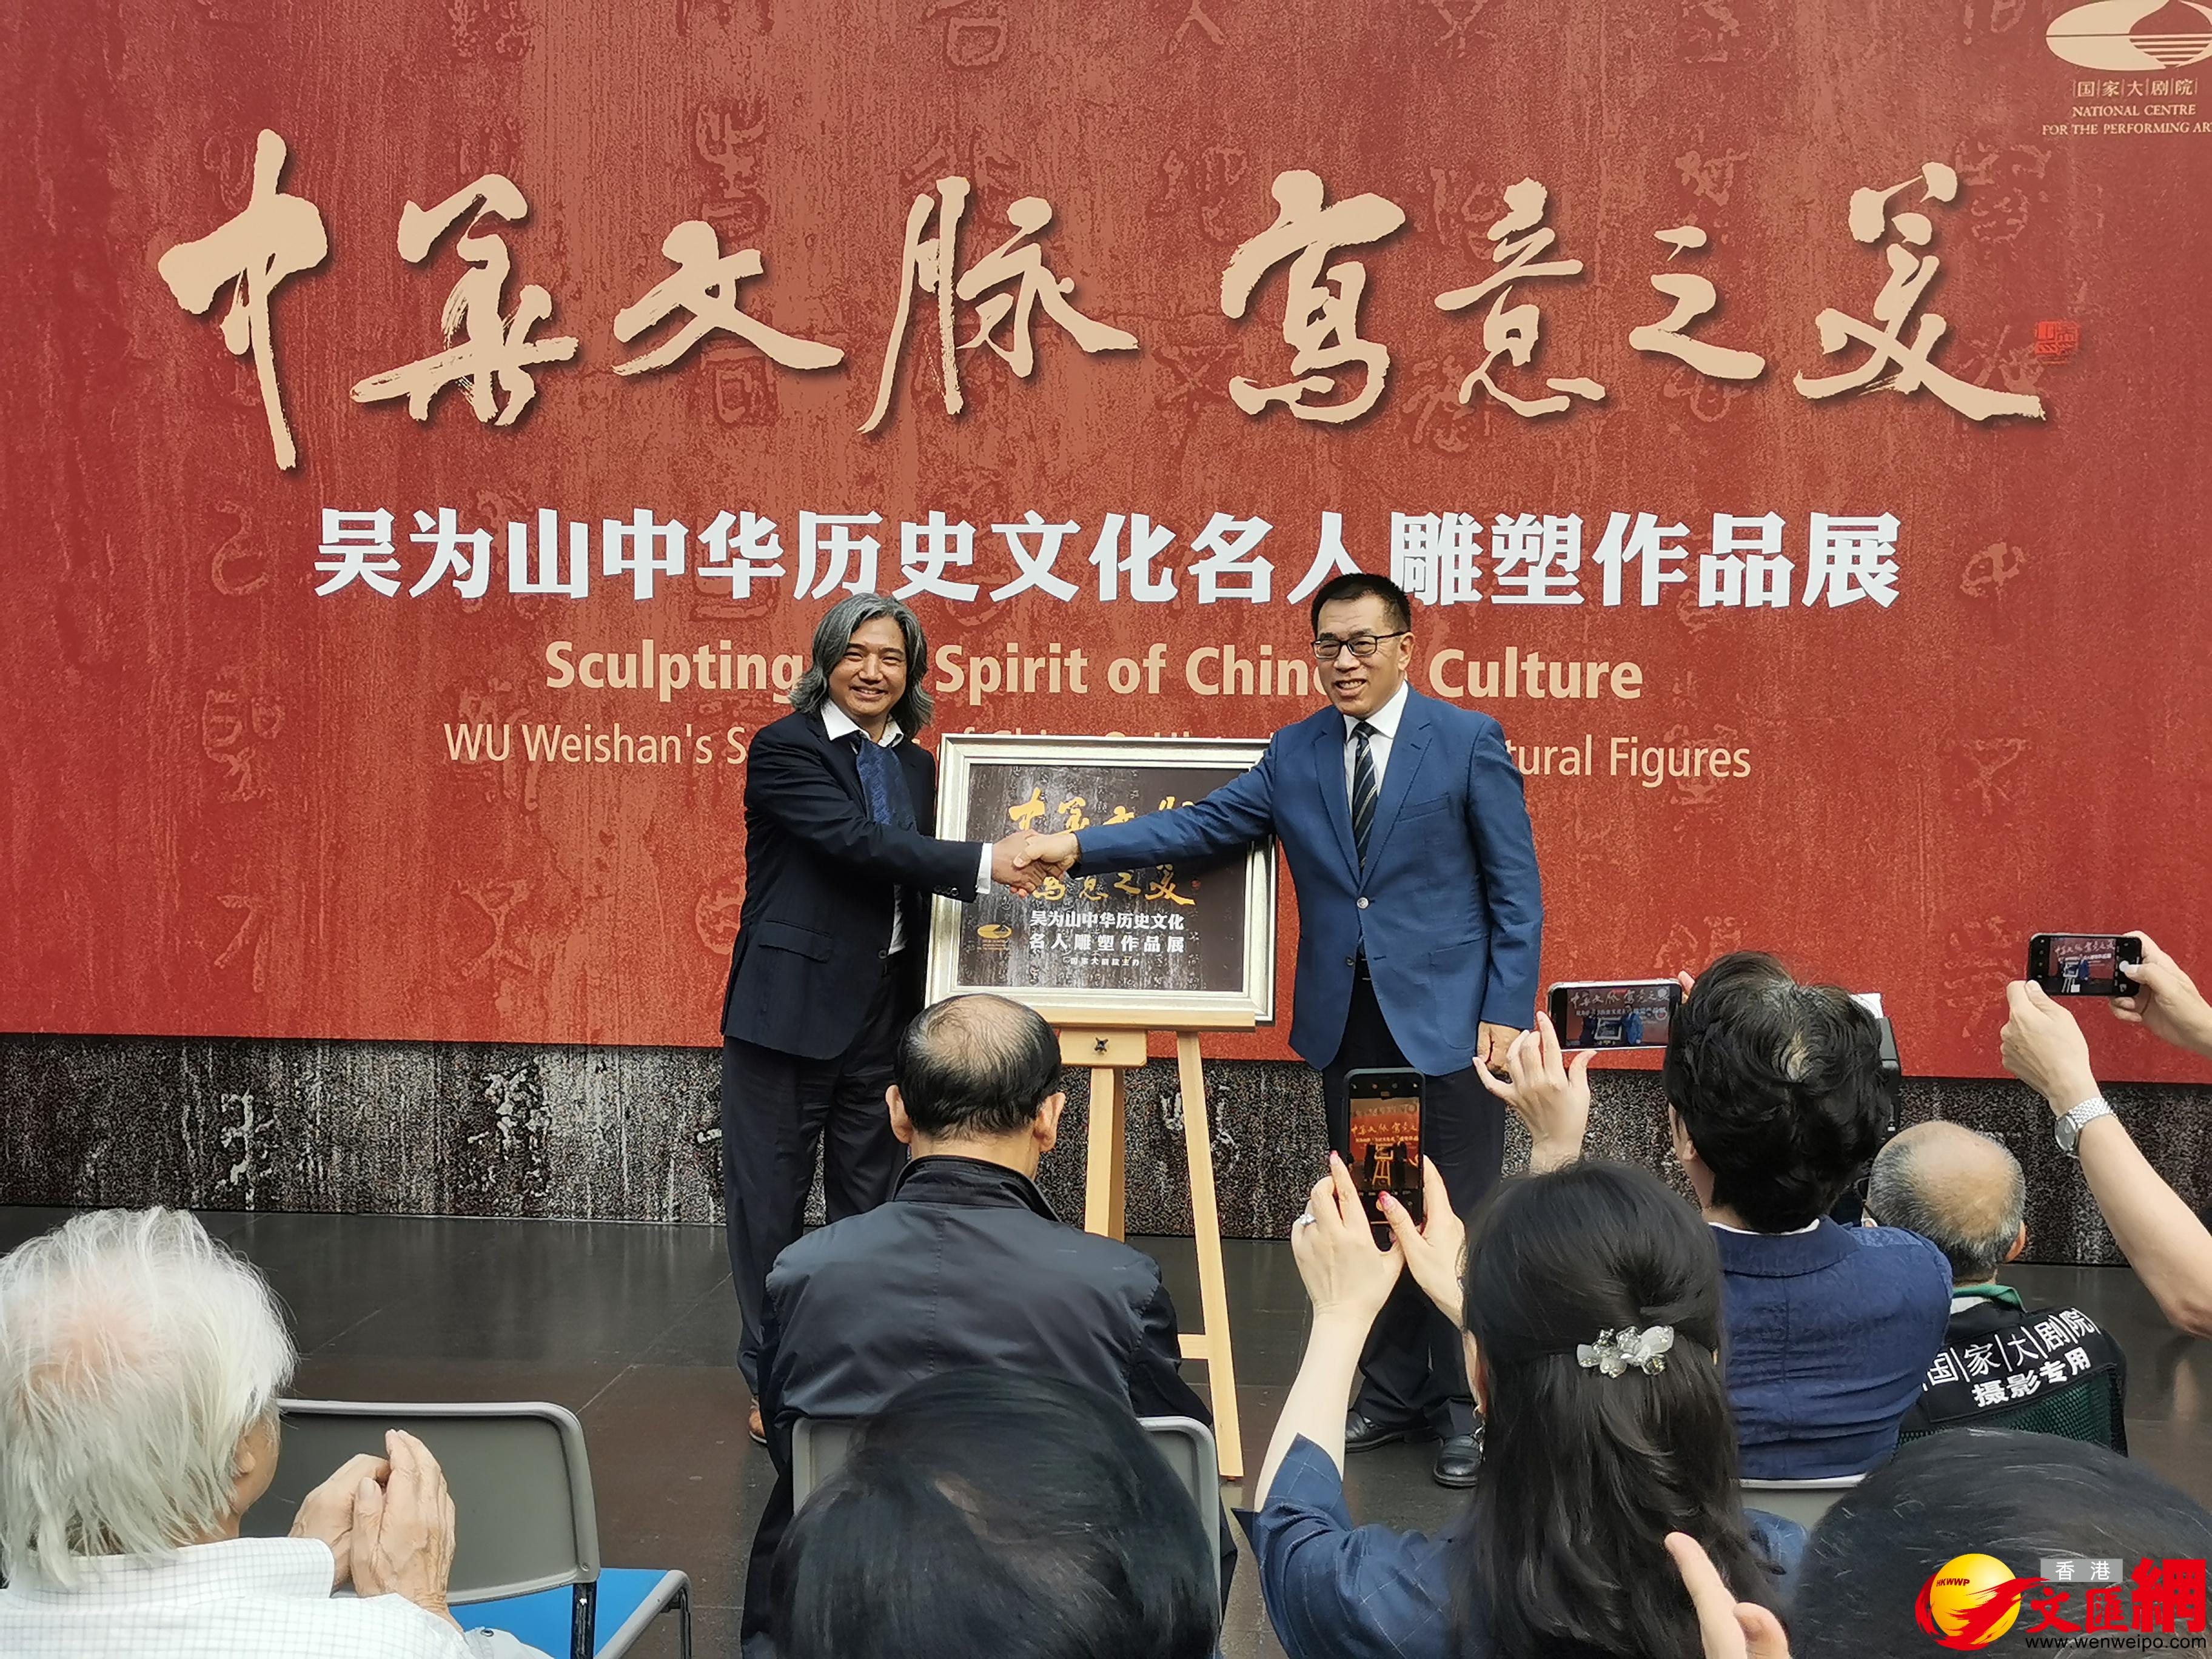 「中華文脈 寫意之美」吳為山作品展開幕